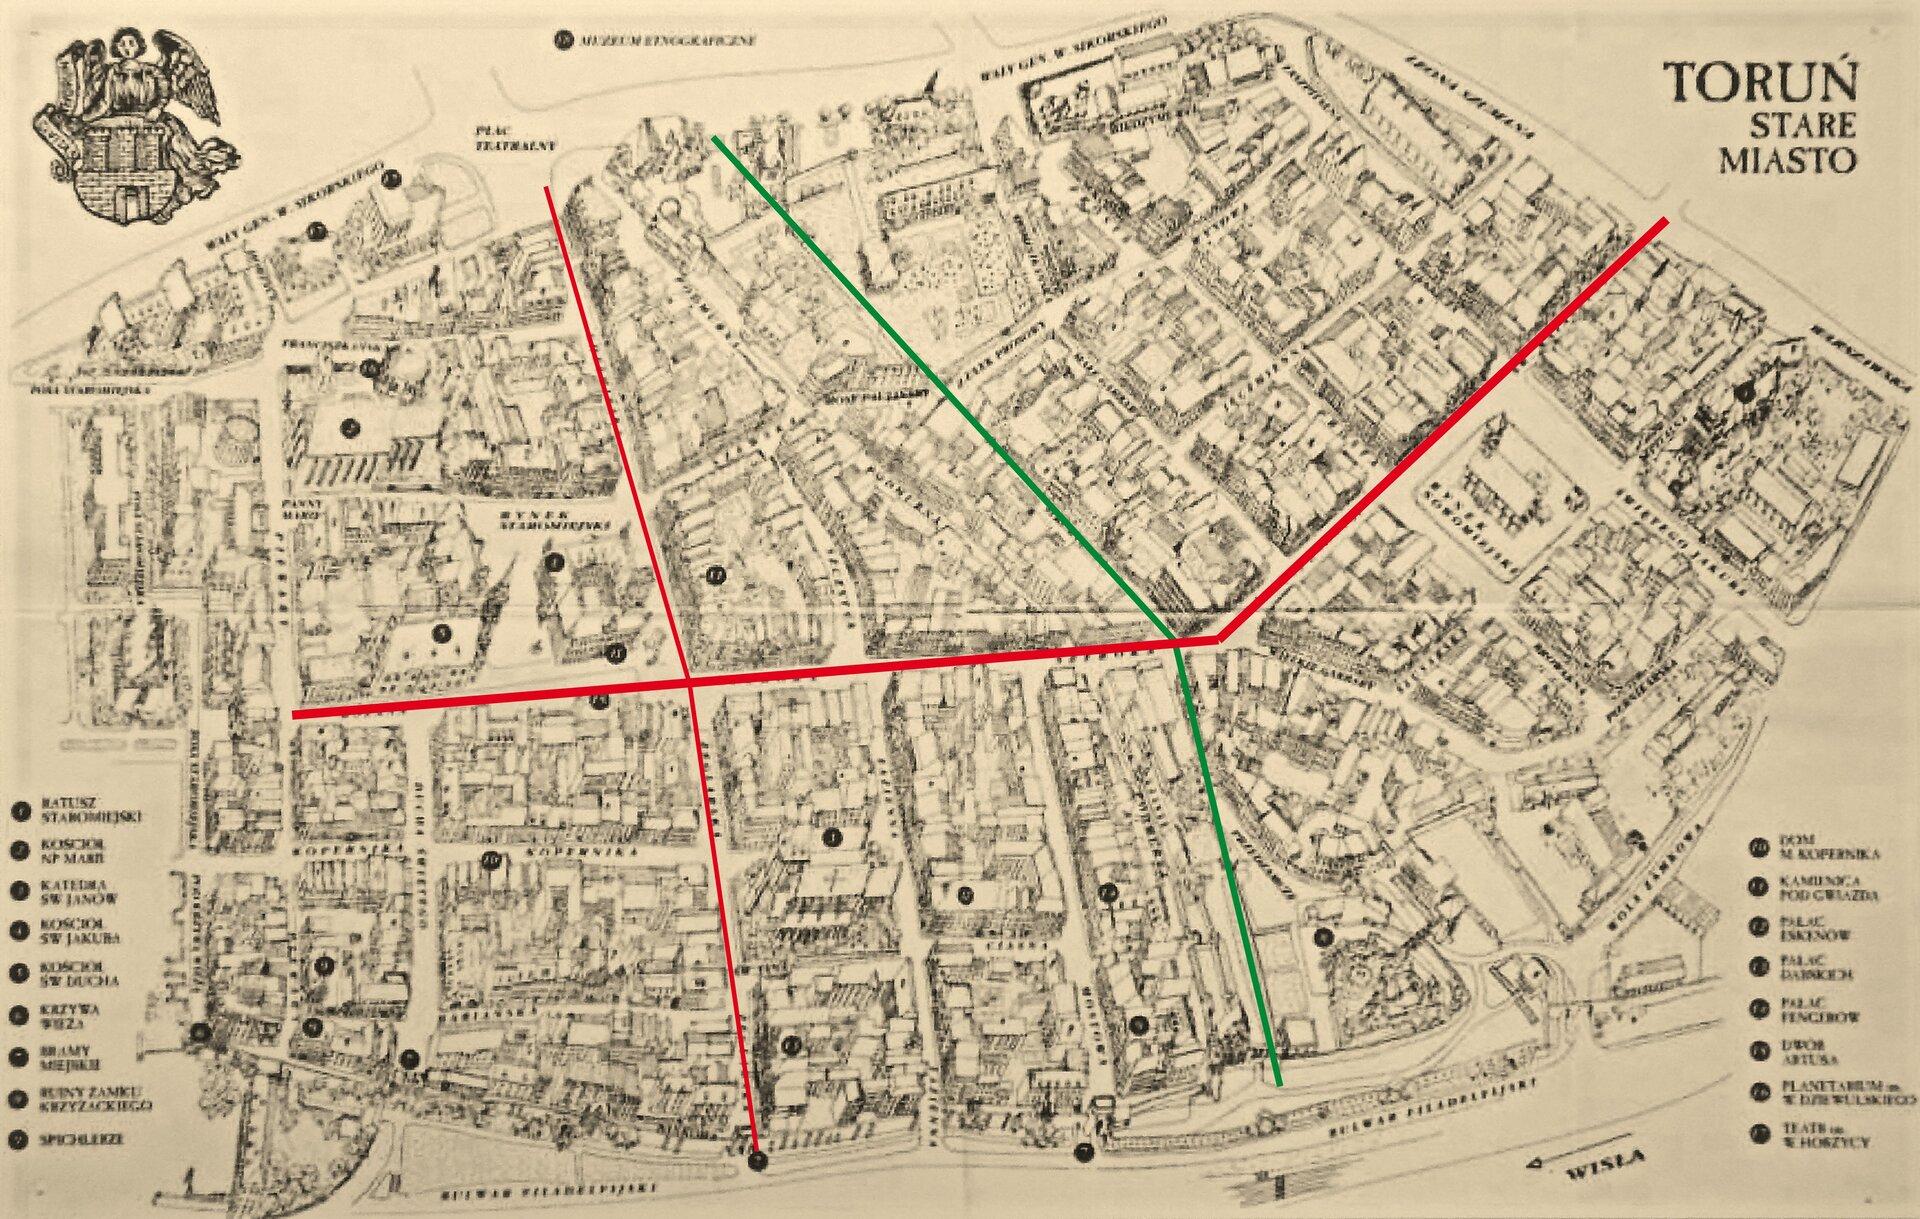 Ilustracja przedstawia szkic mapy toruńskiej starówki. Kolorem zielonym oznaczono granicę dawnych murów, oddzielających Stare iNowe Miasto. Oś architektoniczna główna ipoprzeczna to kolor czerwony. Wlewym górnym rogu znajduje się herb miasta. Po lewej iprawej stronie jest legenda.